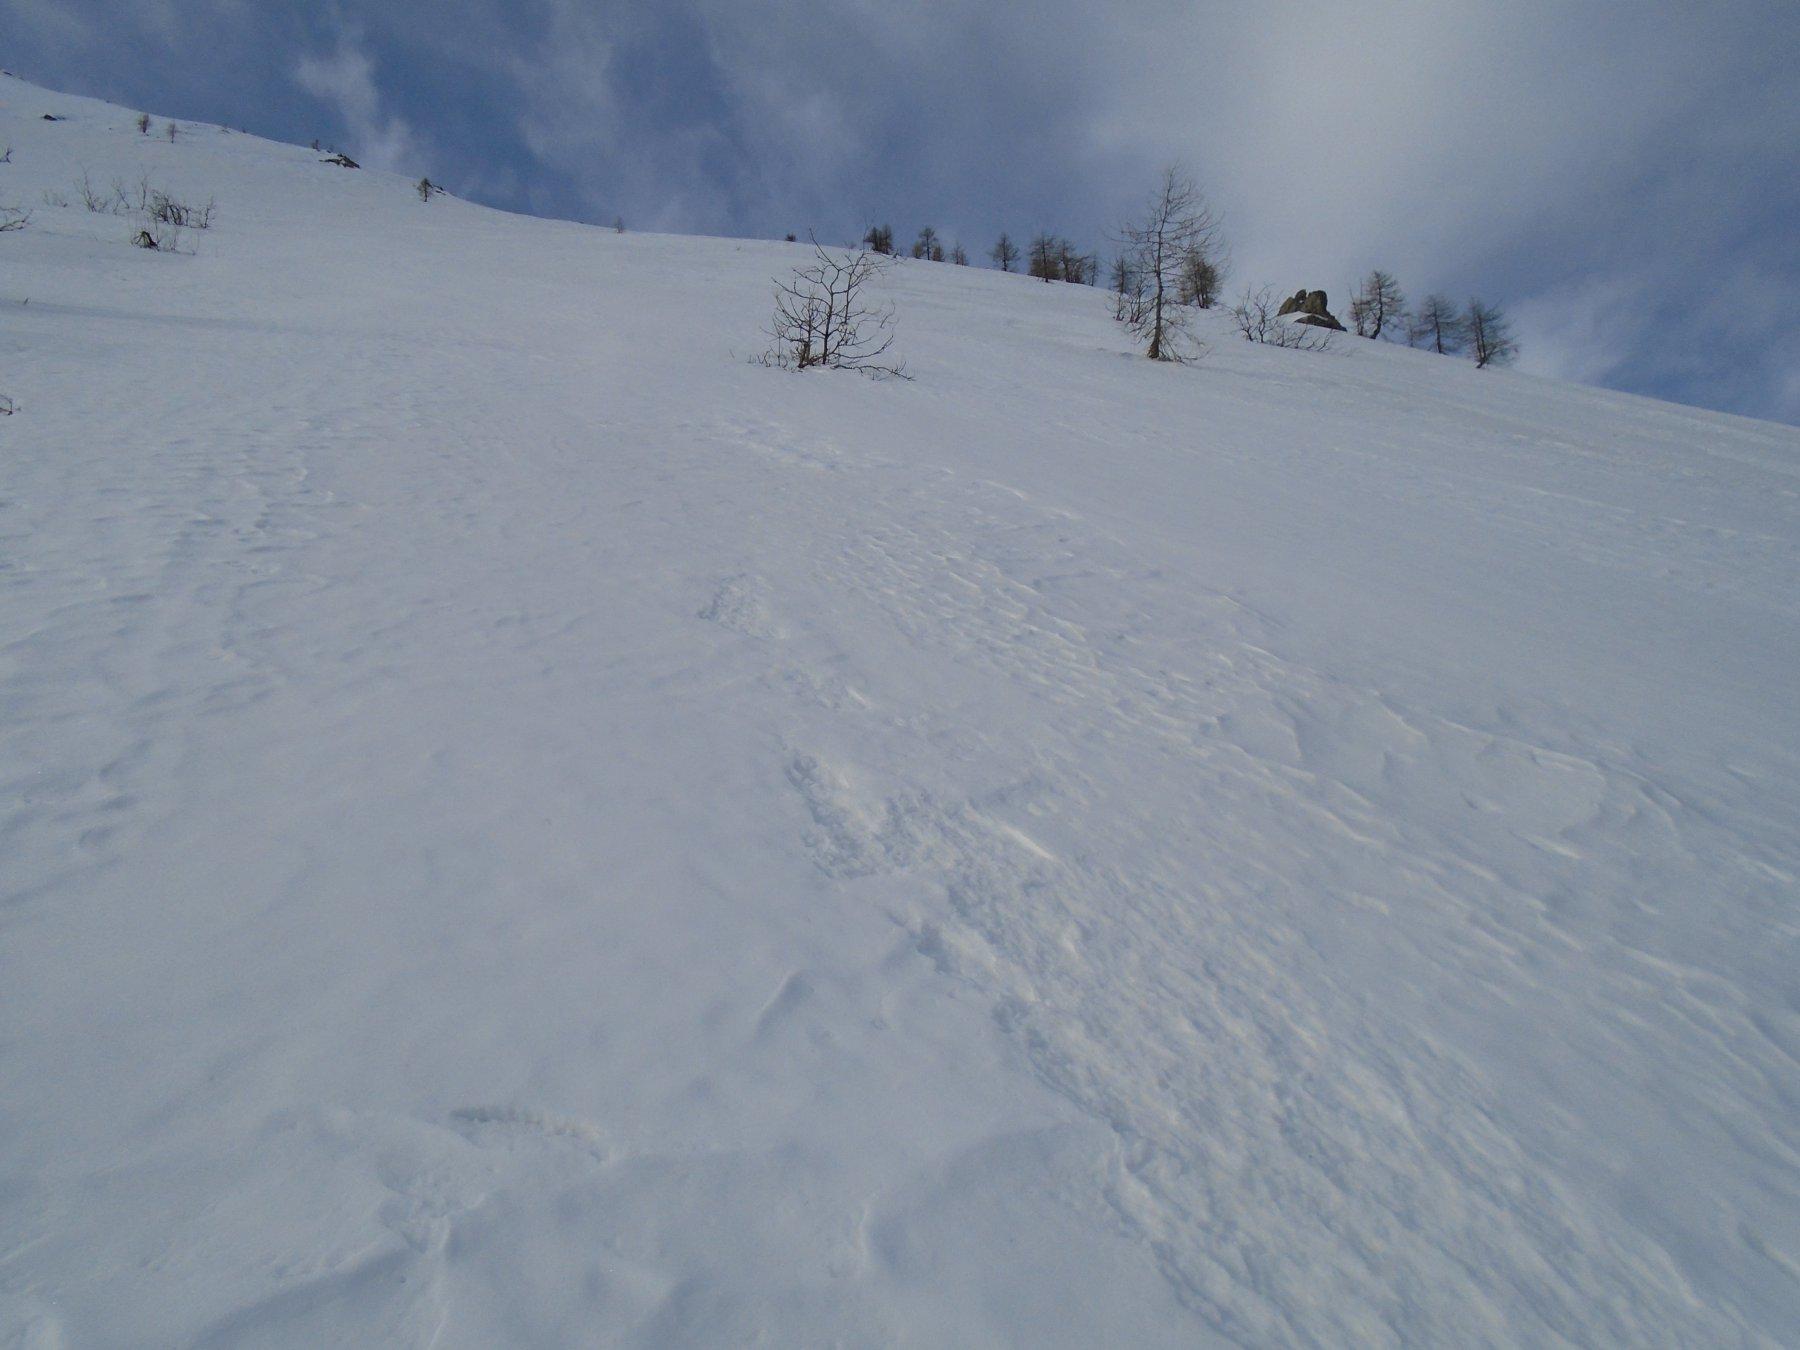 poi più ripido: neve liscia dura/increspata morbida